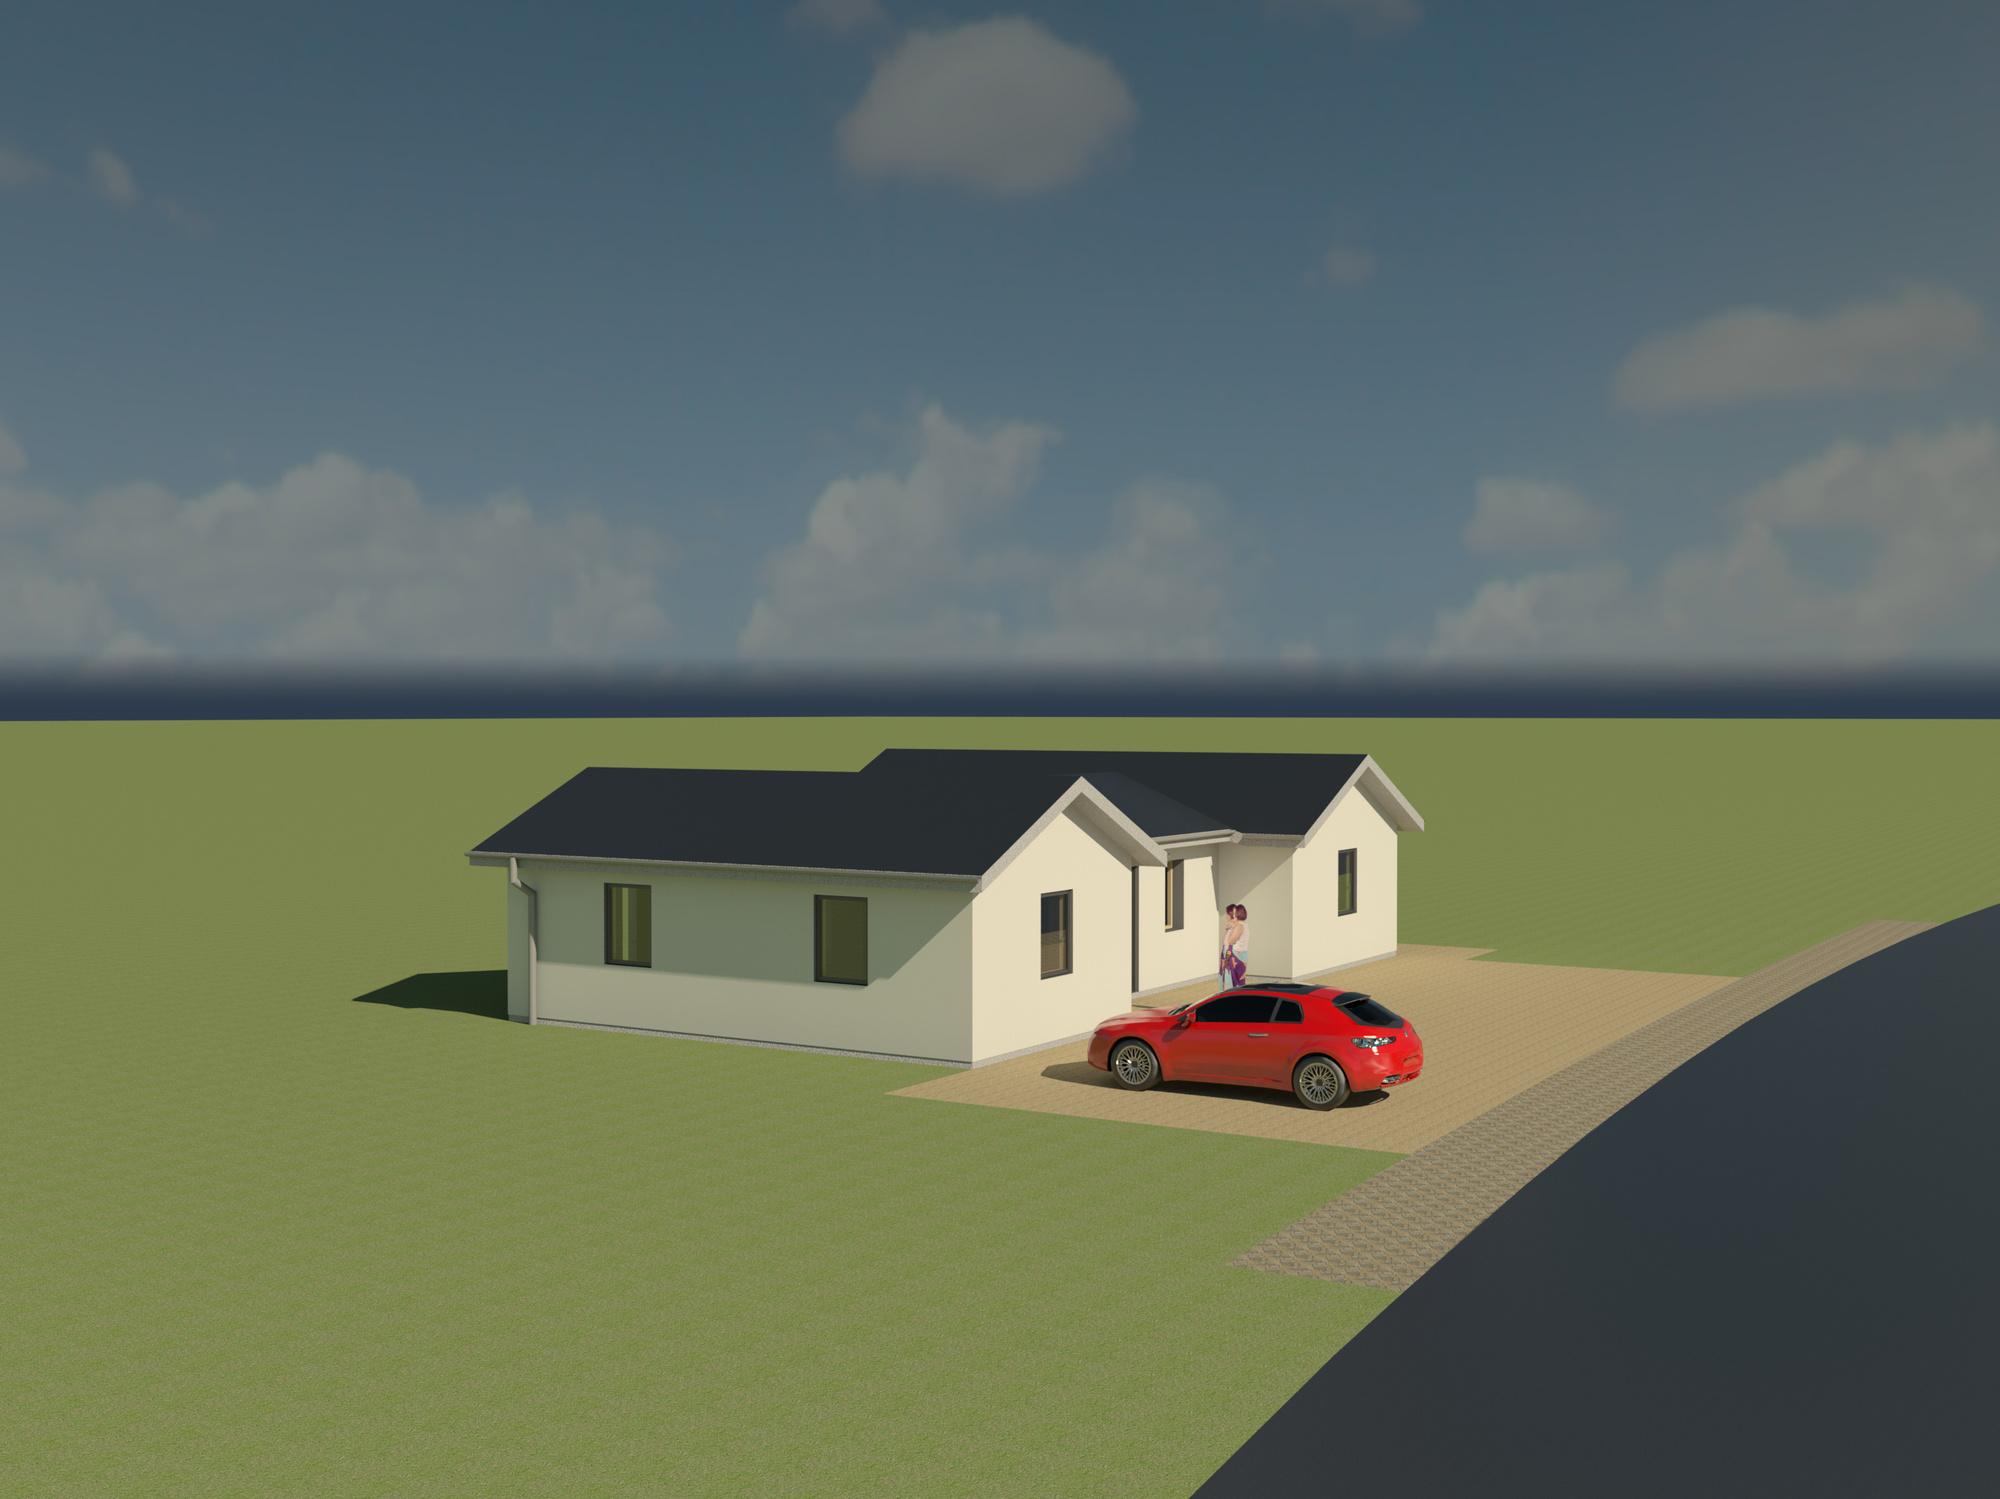 Raas-rendering20150320-22636-bmcybz